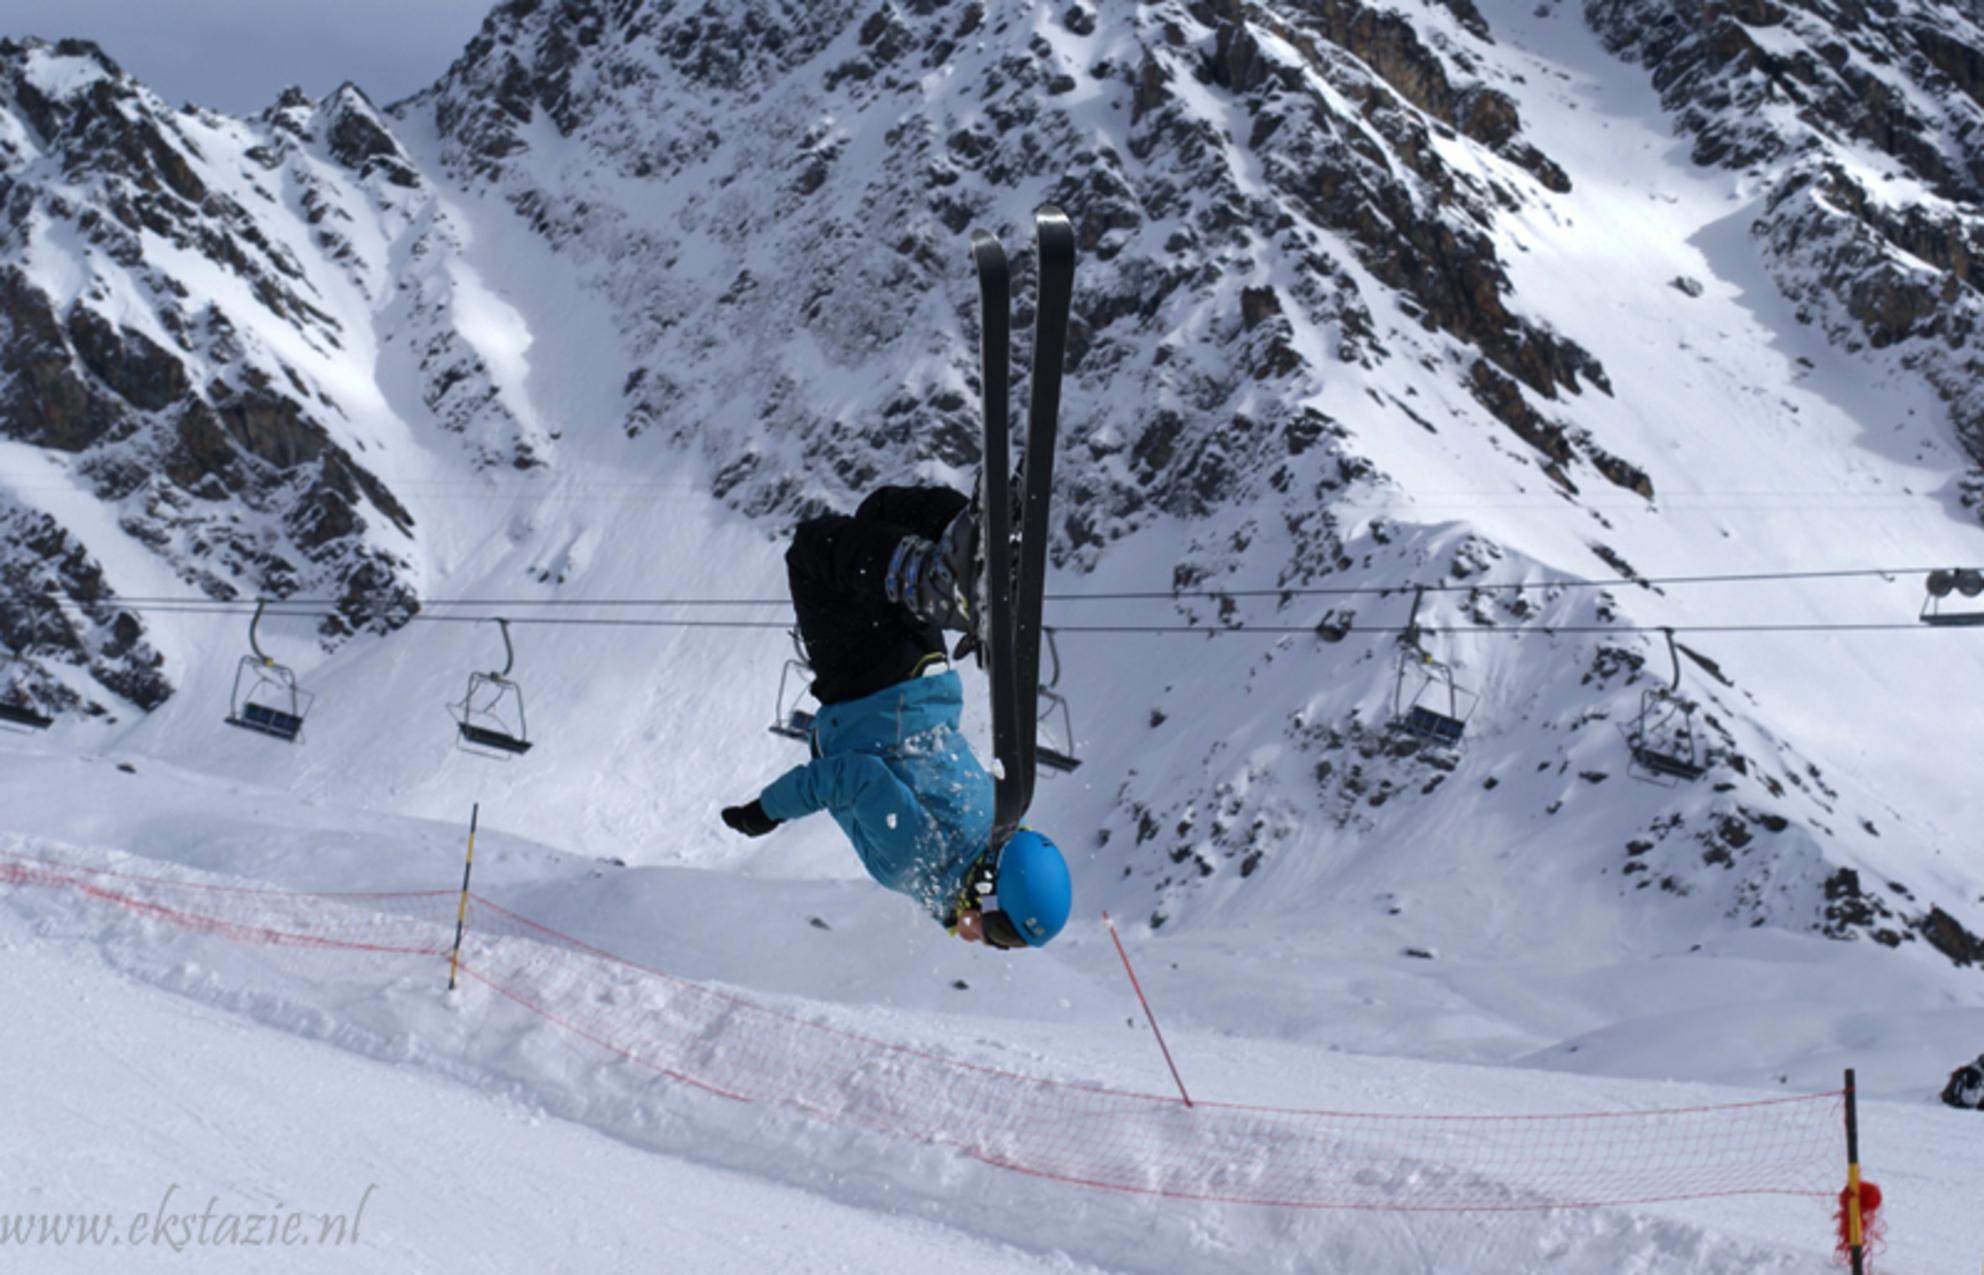 backflip - gemaakt bij schans in zwitserland  backflip ook bekent als achterwaartse salto - foto door ekstazie op 28-02-2010 - deze foto bevat: sport, zwitserland, springen, skieen, schans, salto, freestyle, skier, verbier, ekstazie, back flip